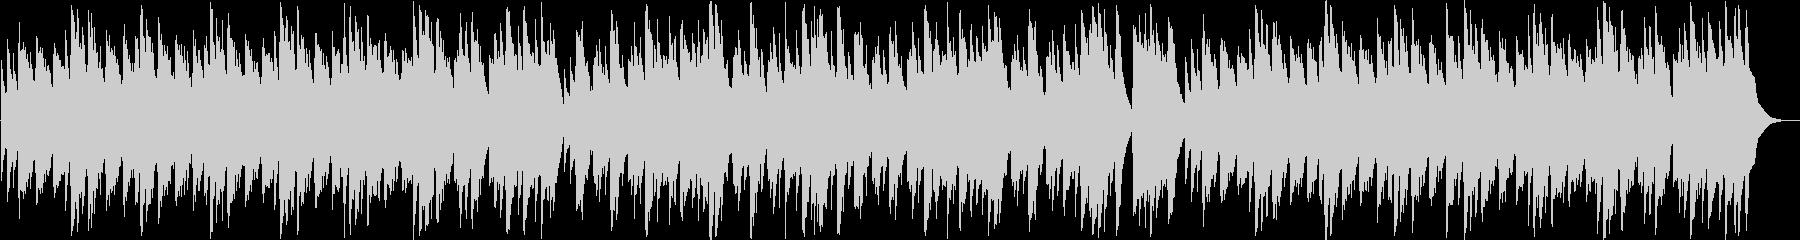 美しき青きドナウ/ヨハン(オルゴール)の未再生の波形